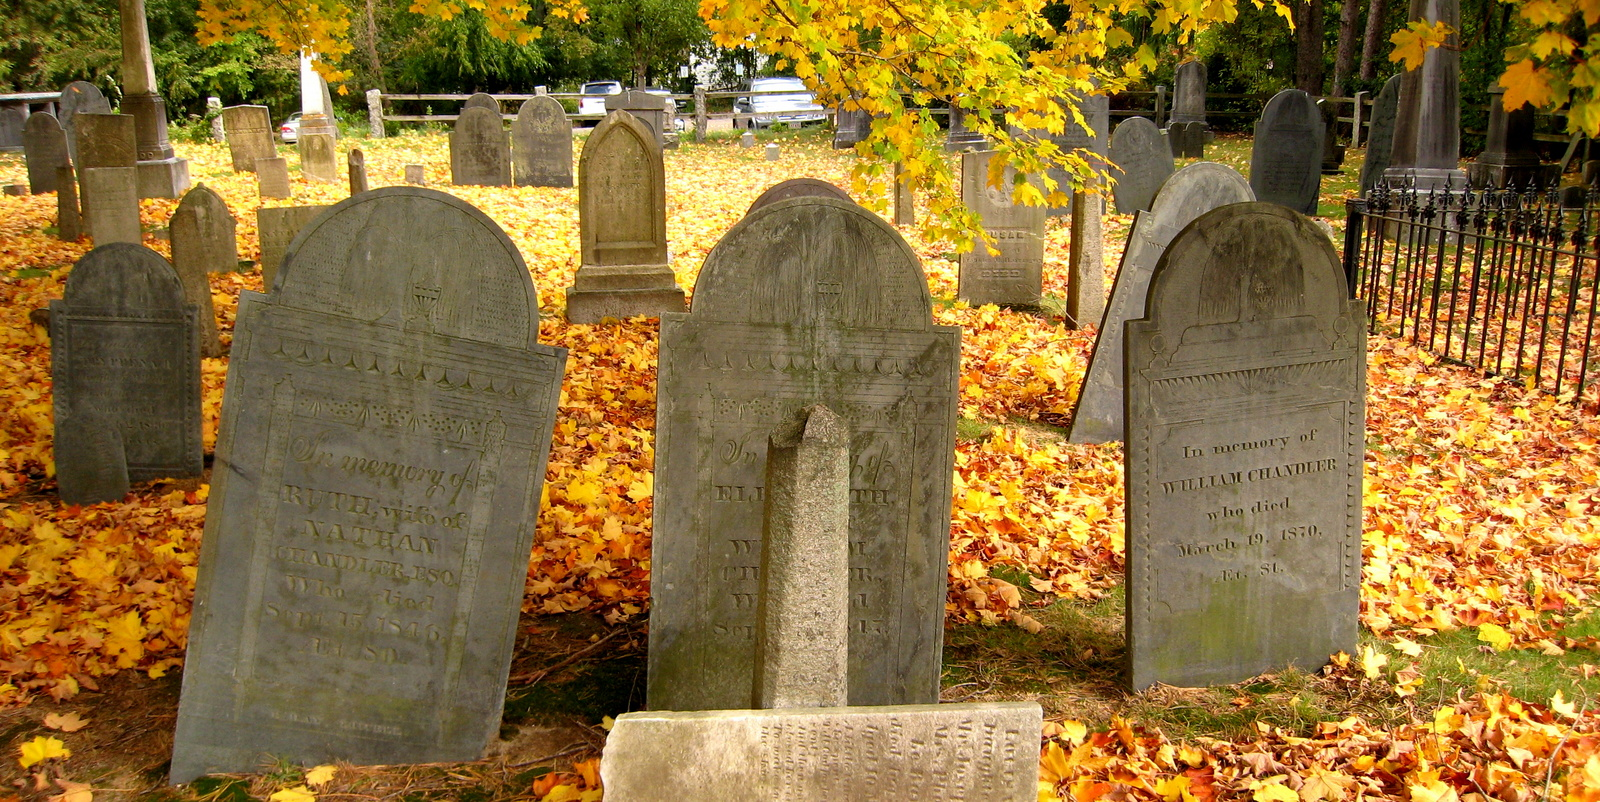 Lexington graveyard